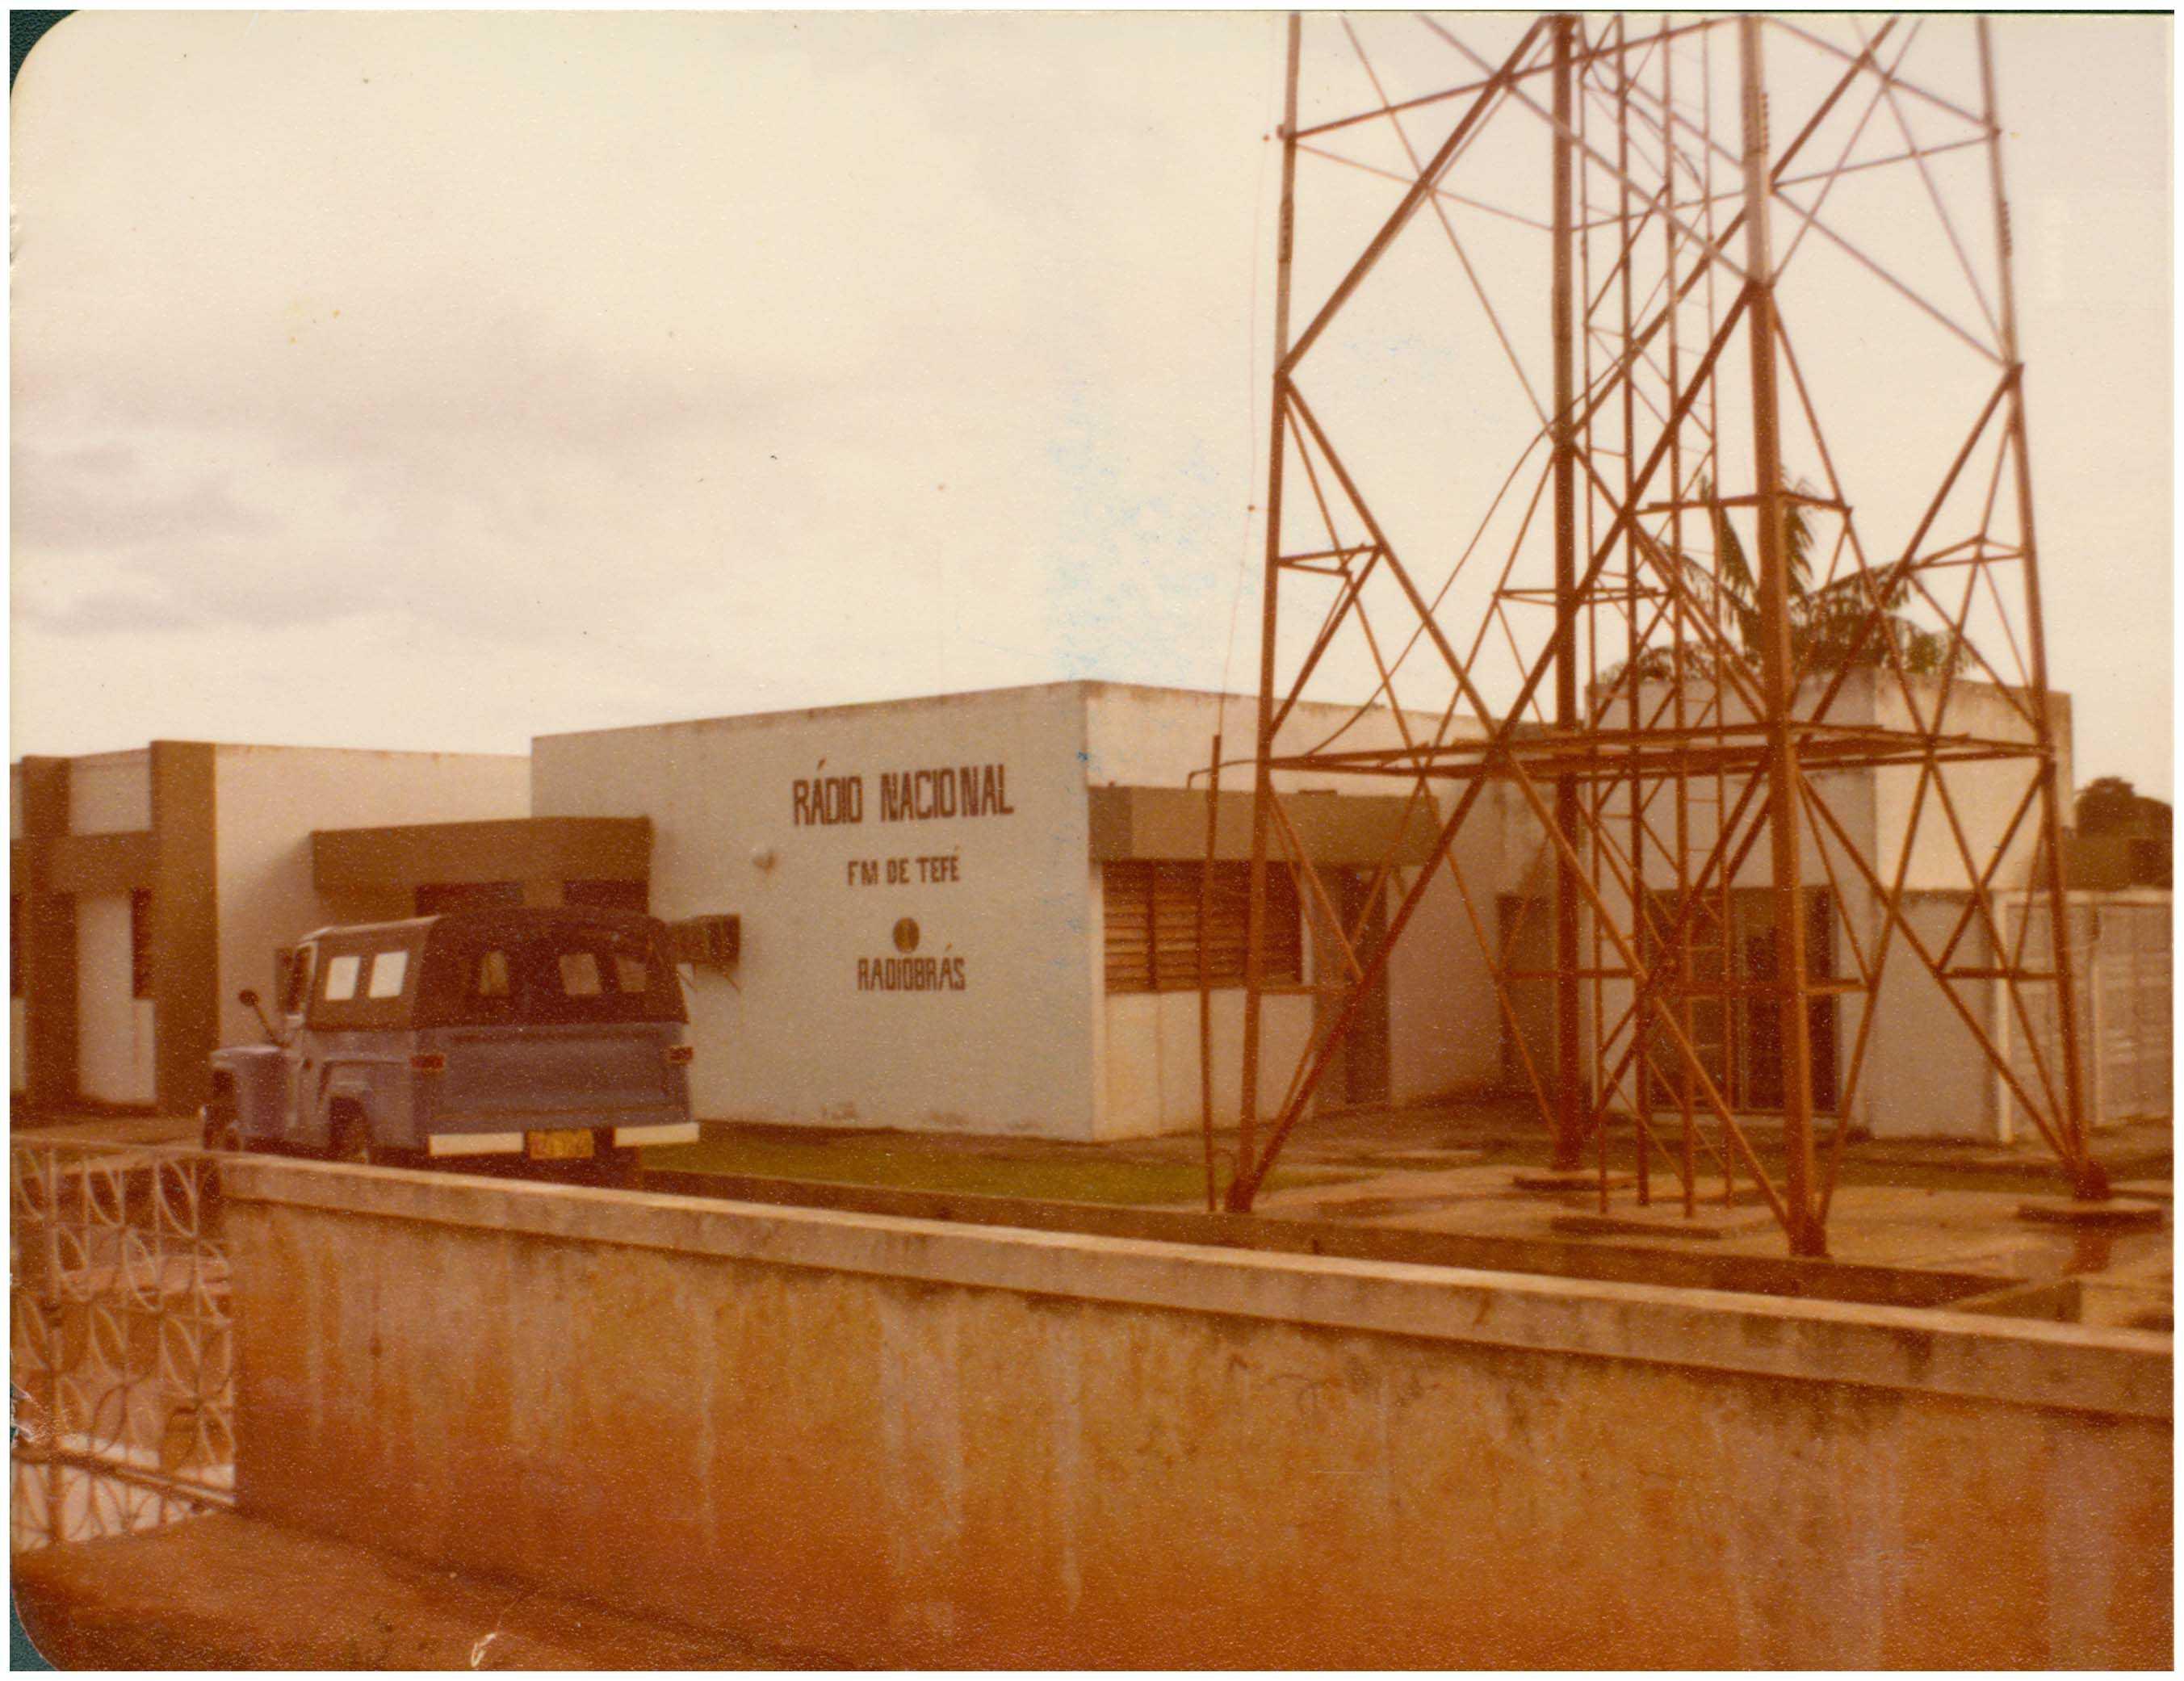 Rádio Nacional FM de Tefé : Tefé, AM - 1983 / Foto : IBGE